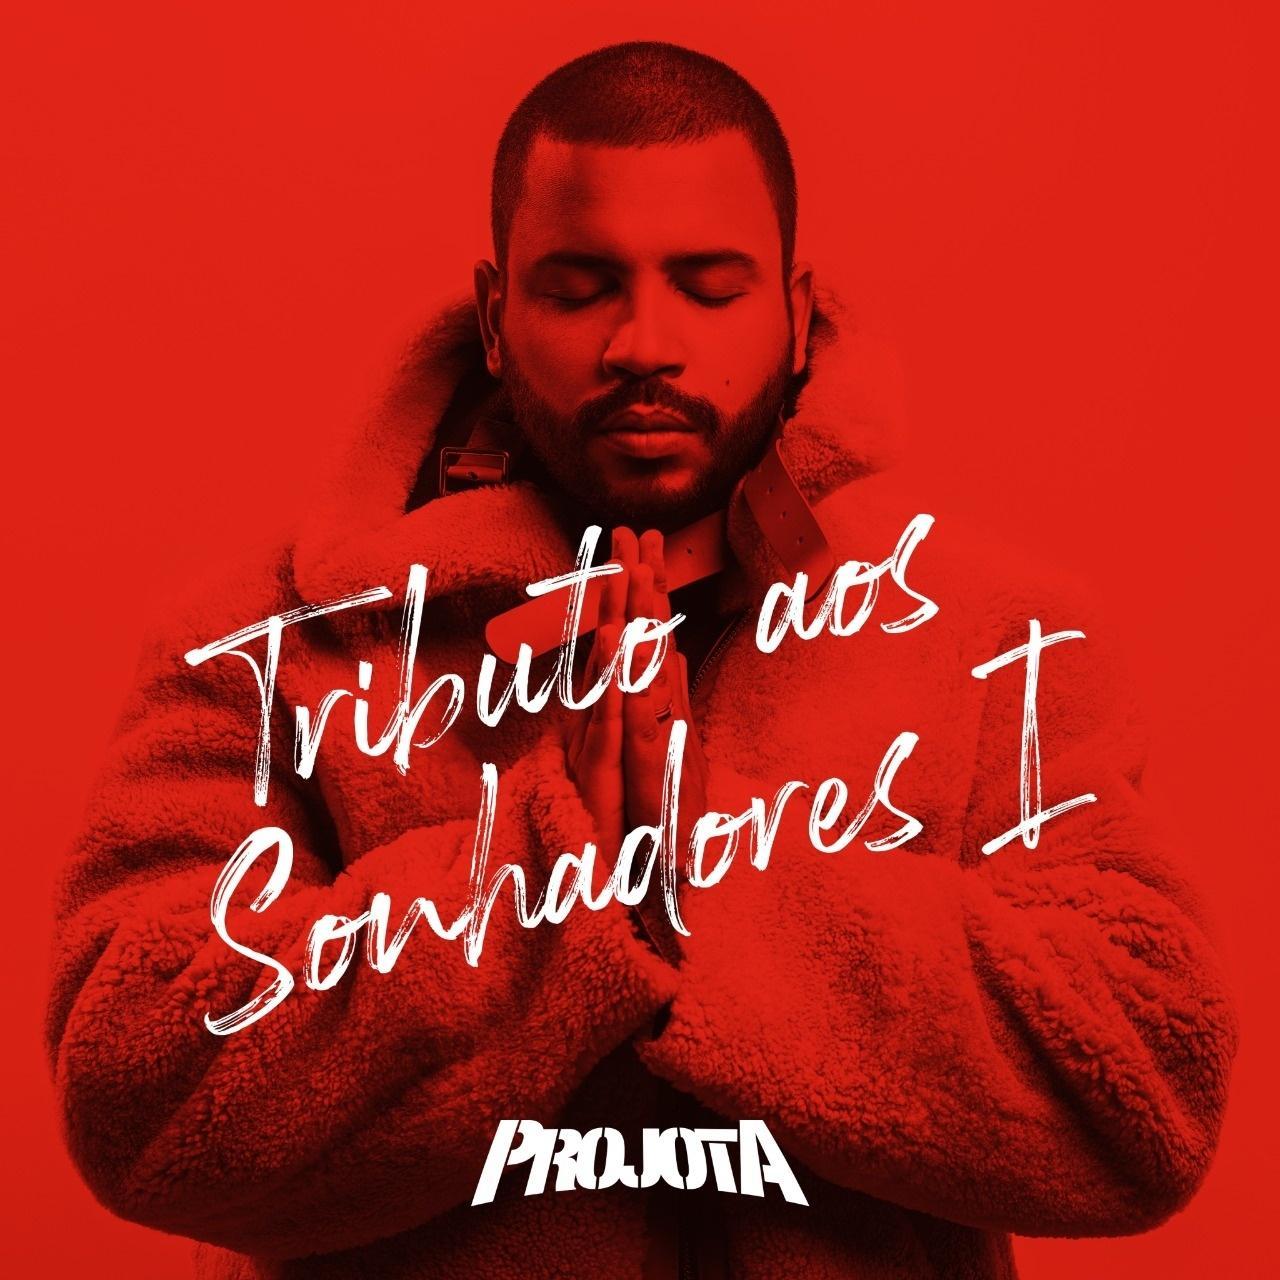 Projota homenageia primeiro carro comprado com grana do rap e Chorão em EP